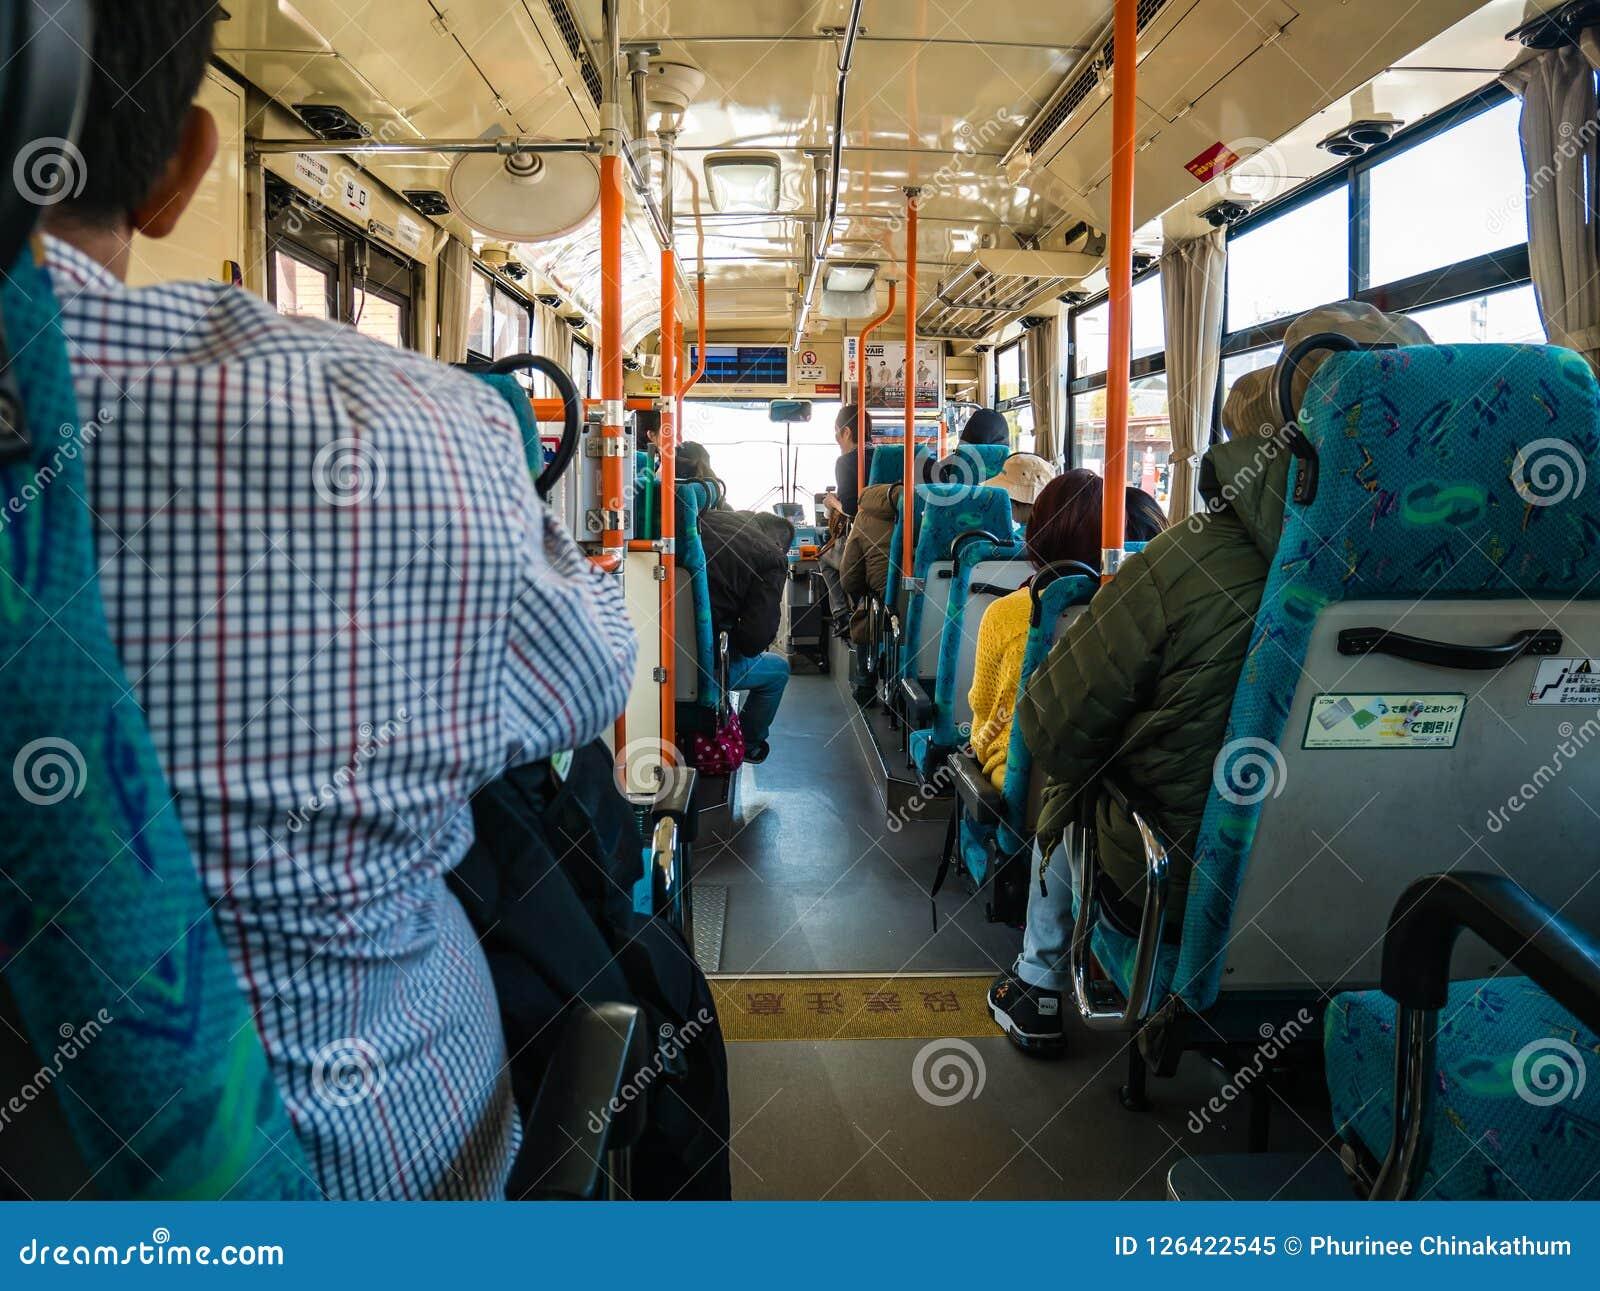 Interior of the Omni bus